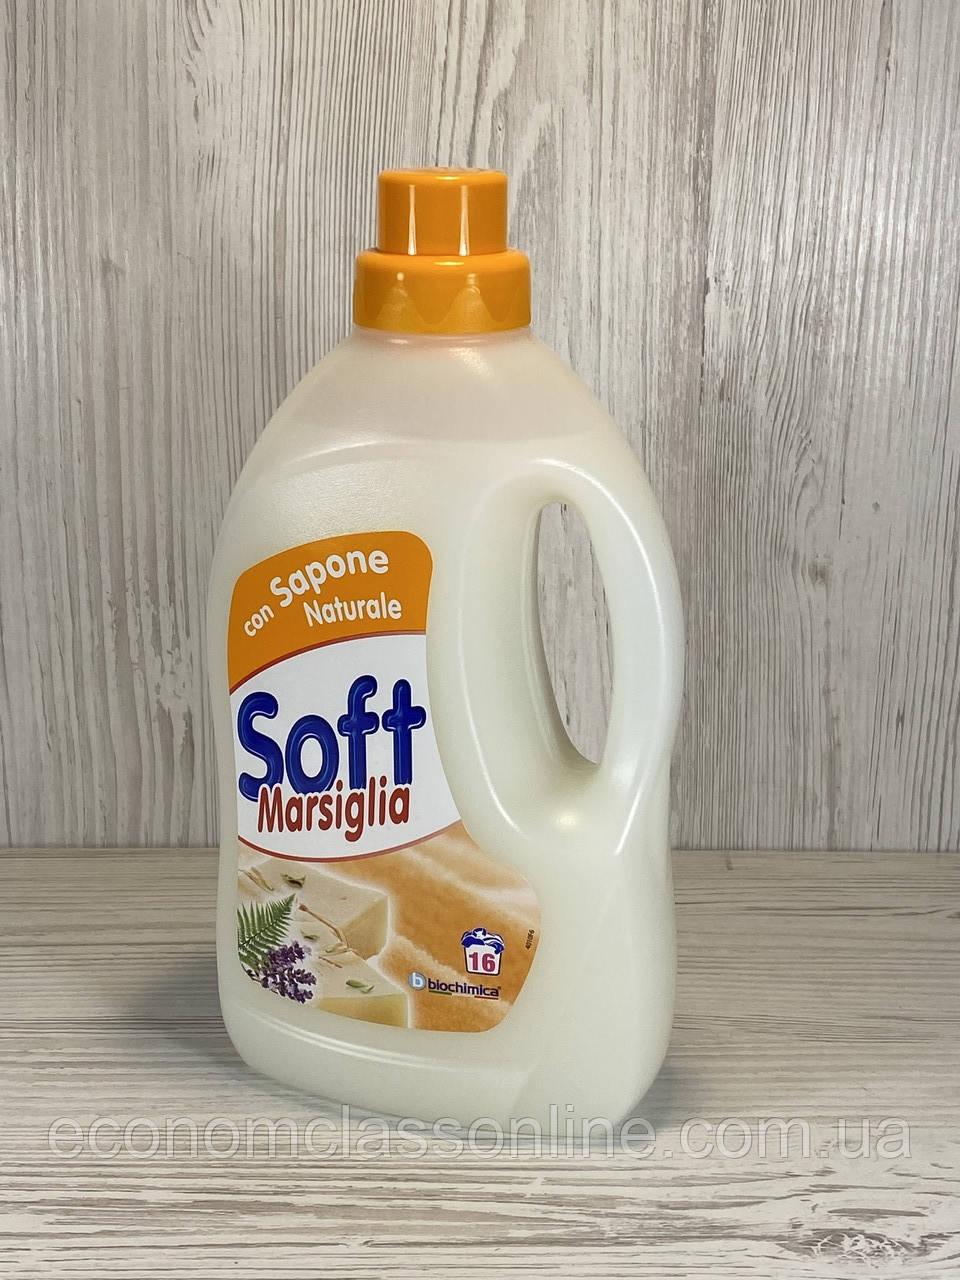 SOFT Рідкий засіб для прання Марсельське мило 16 прань 1л